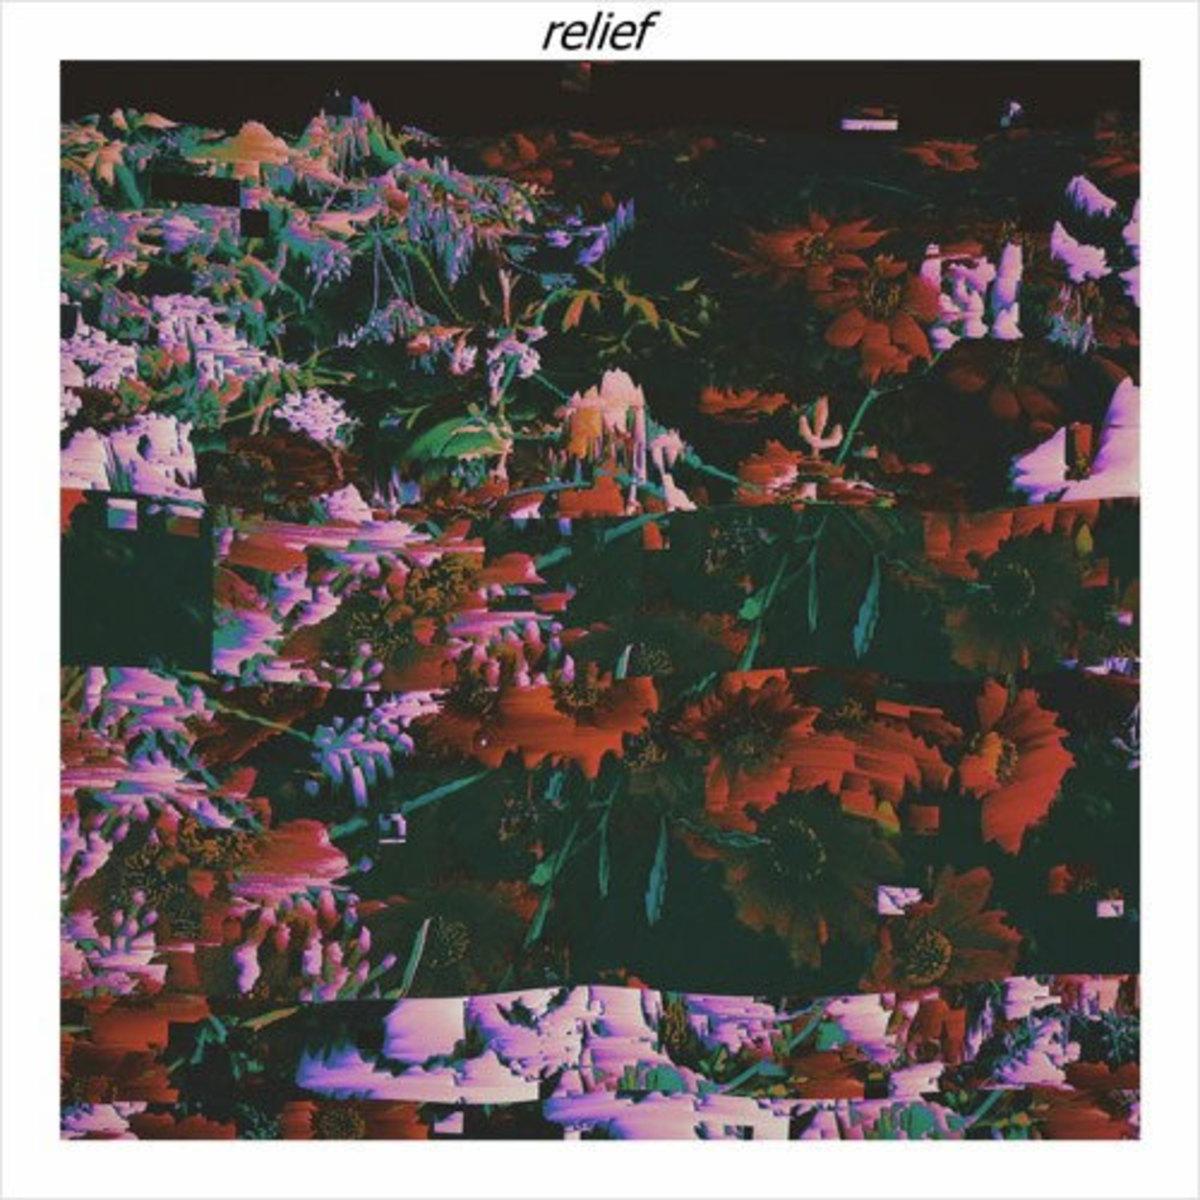 deon-relief.jpg